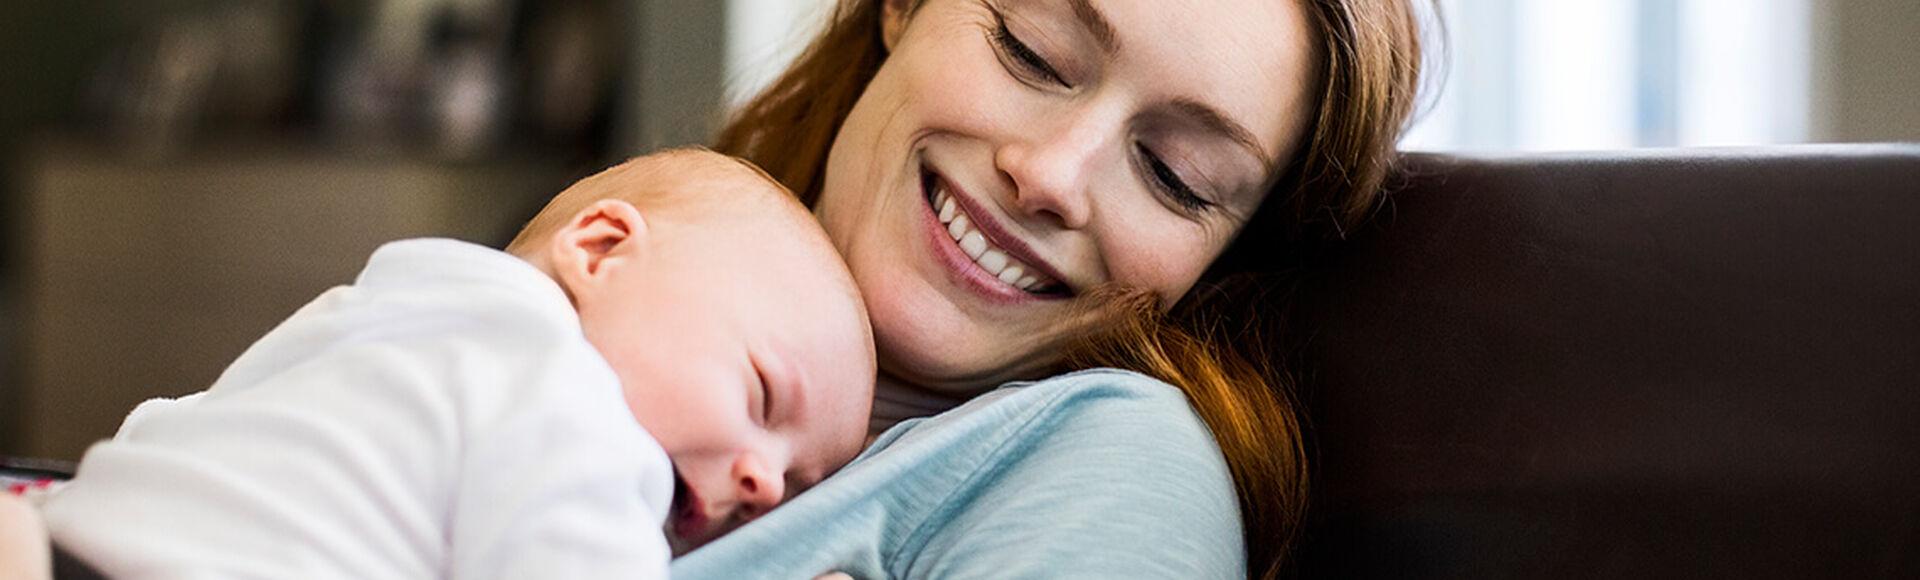 ¿Cómo hacer que los bebés se duerman rápido? | Más Abrazos by Huggies